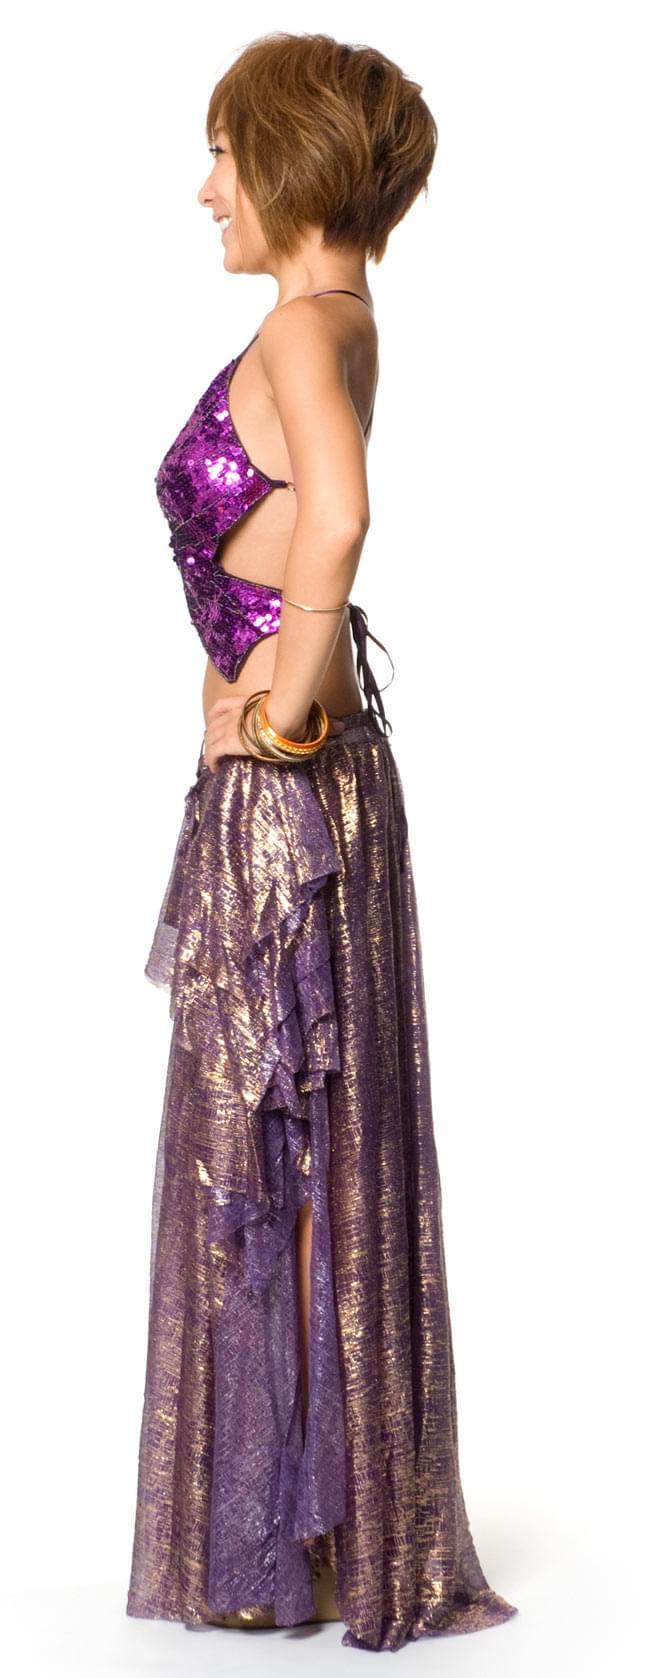 ベリーダンス衣装 スカート・ブラ 上下セット - 紫 2 - 横からの写真です